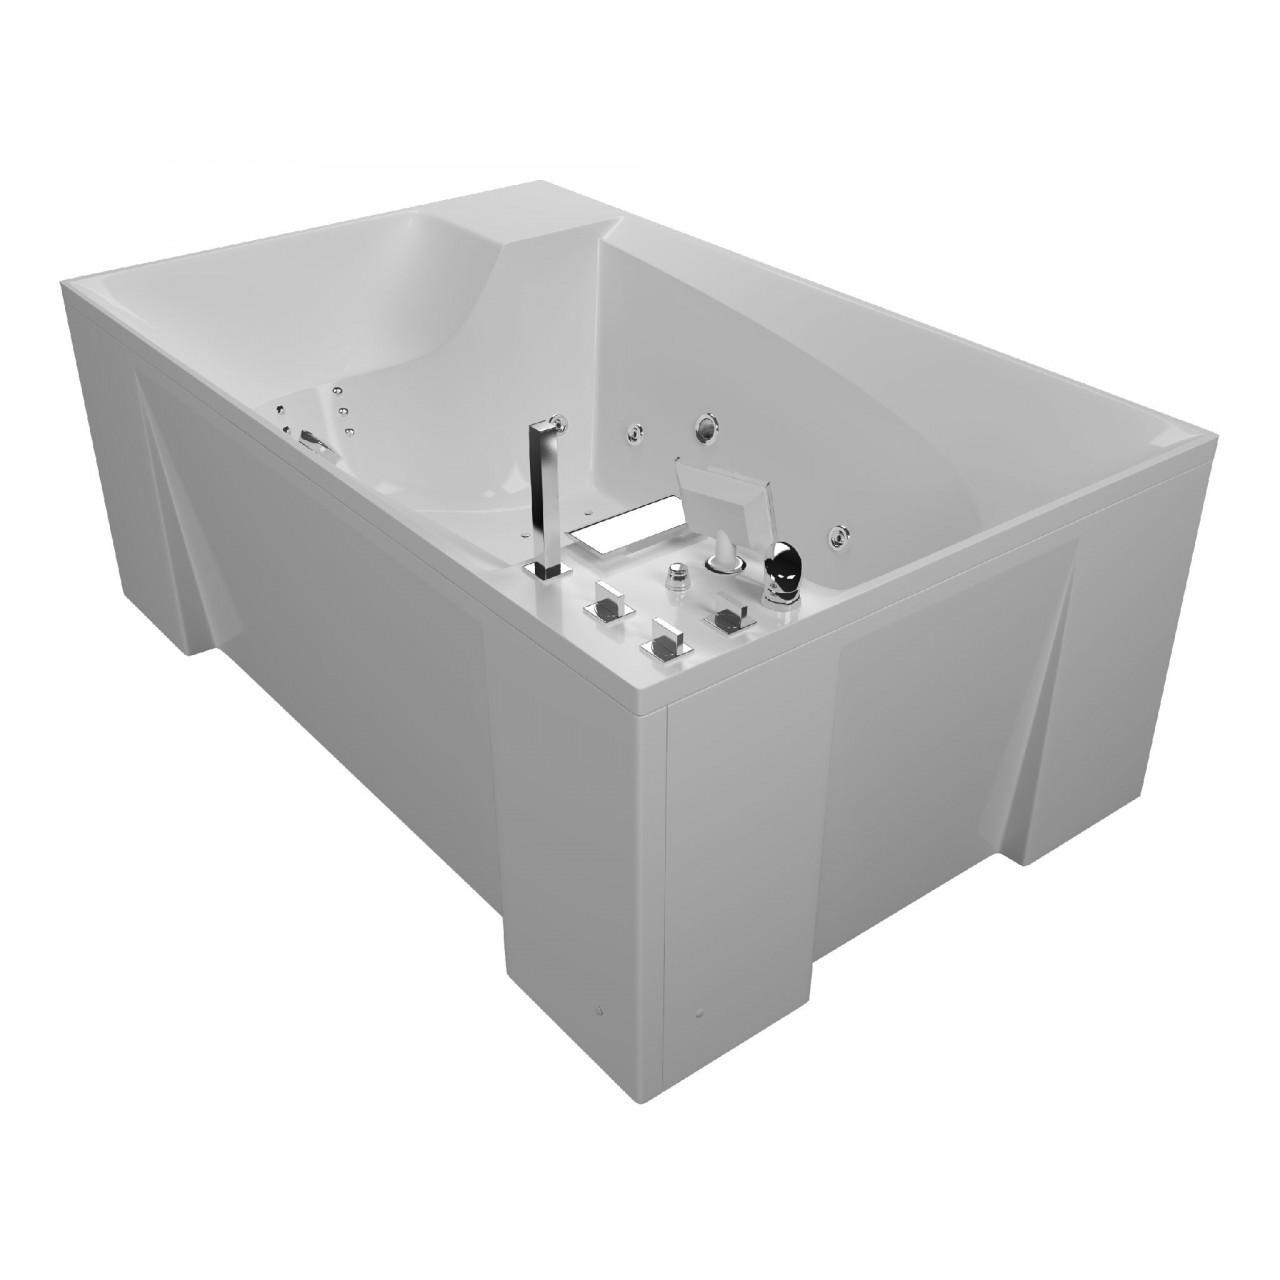 Акриловая ванна Акватика Архитектура 3D 190x120х74 купить в Москве по цене от 211404р. в интернет-магазине mebel-v-vannu.ru